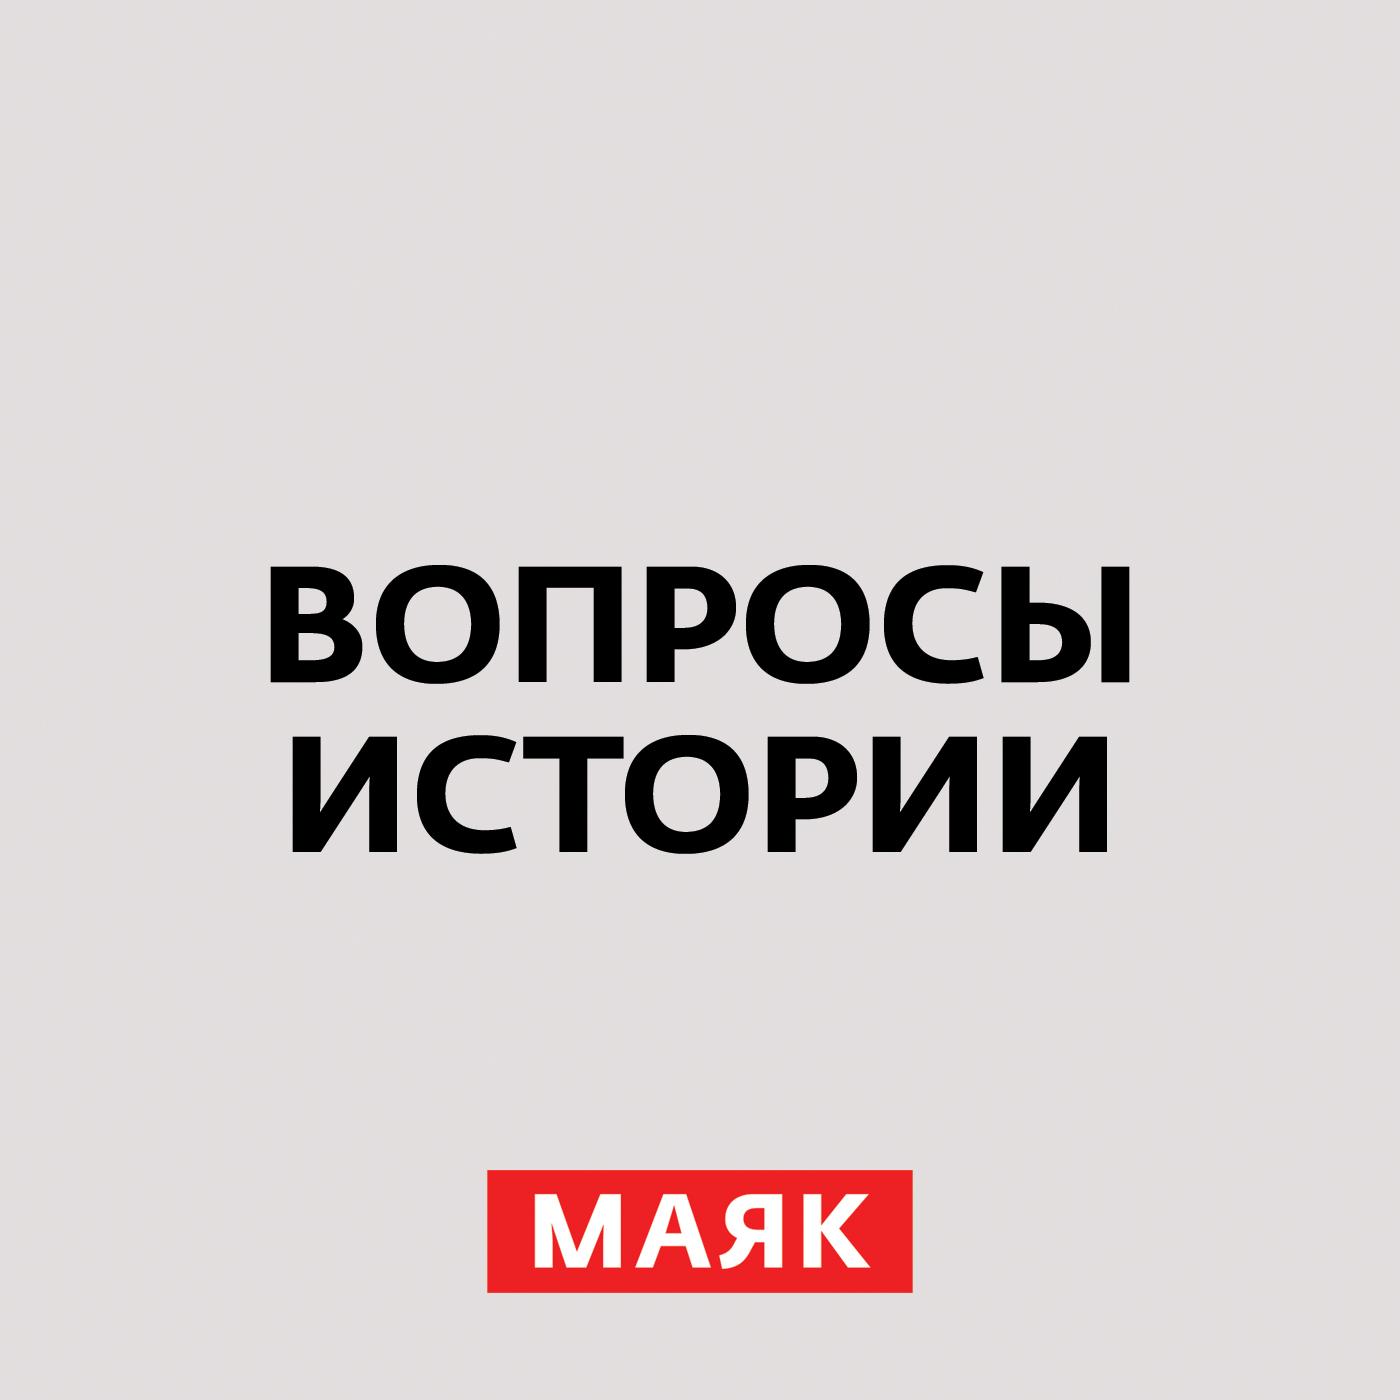 Андрей Светенко А победила ли Россия в Северной войне? Часть 2 андрей светенко правда о крымской войне часть 1